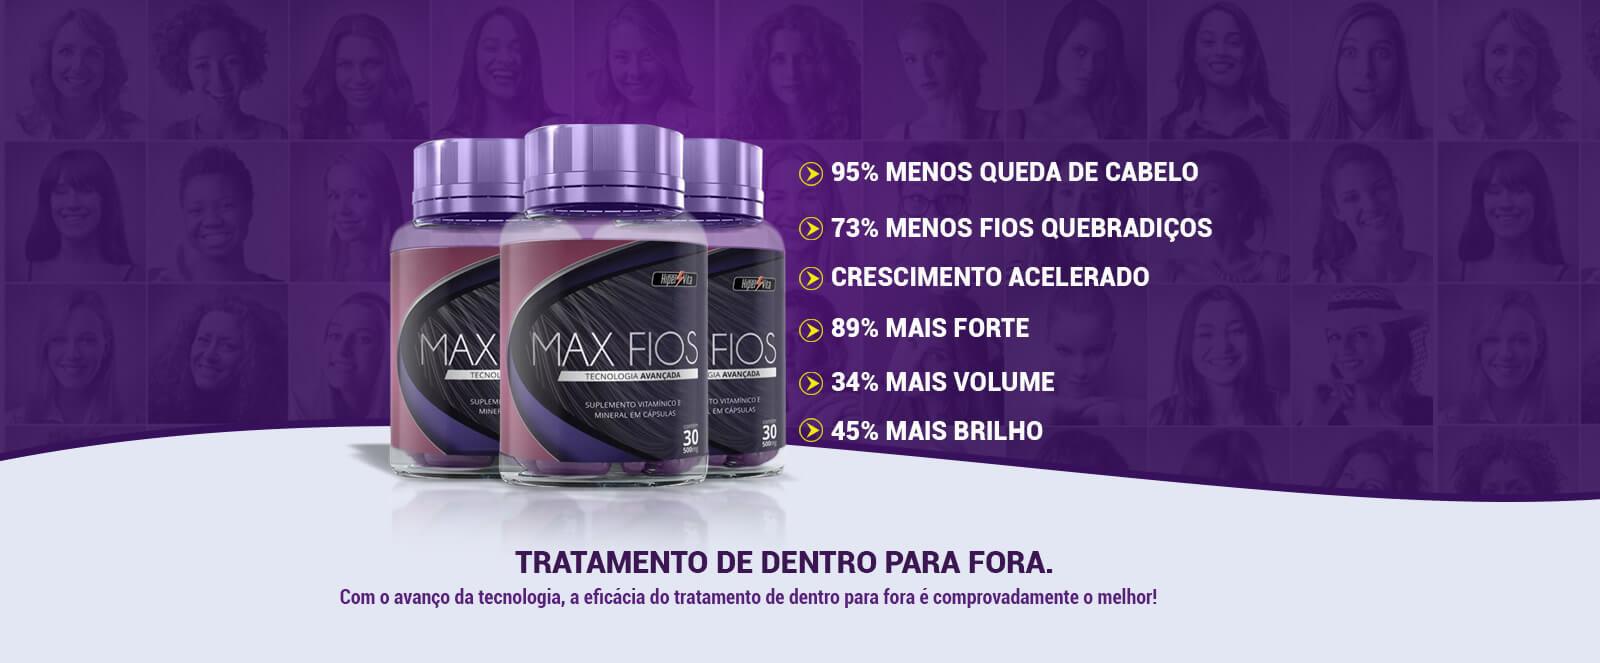 Max Fios funciona